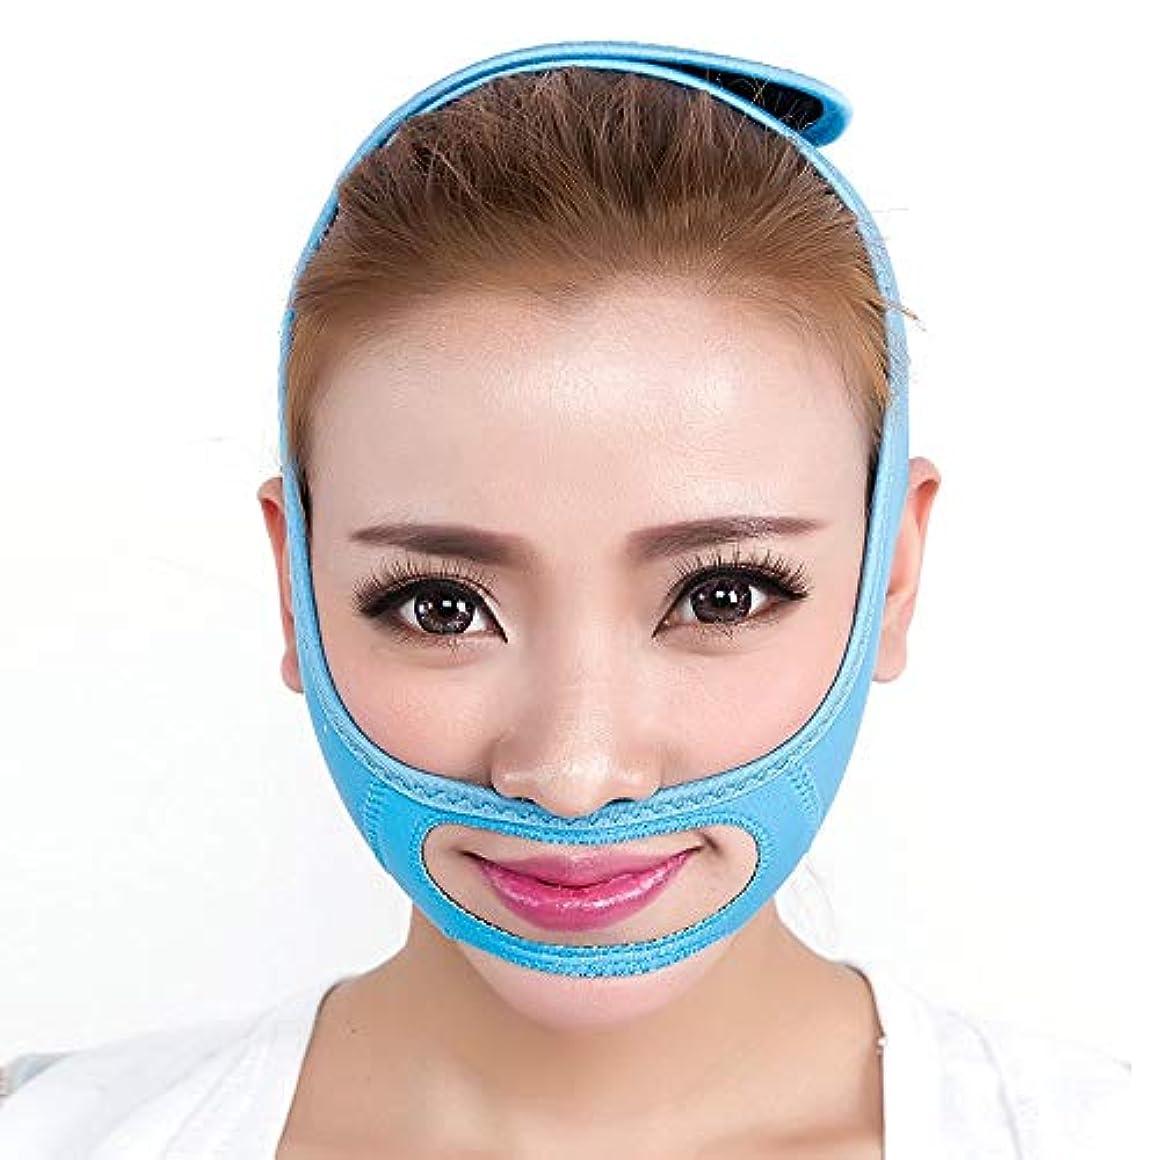 航空会社選択する有益Minmin シンフェイスマスクシンフェイス包帯シンフェイスアーティファクトシンフェイスフェイシャルリフティングシンフェイススモールVフェイススリープシンフェイスベルト みんみんVラインフェイスマスク (Color : B)